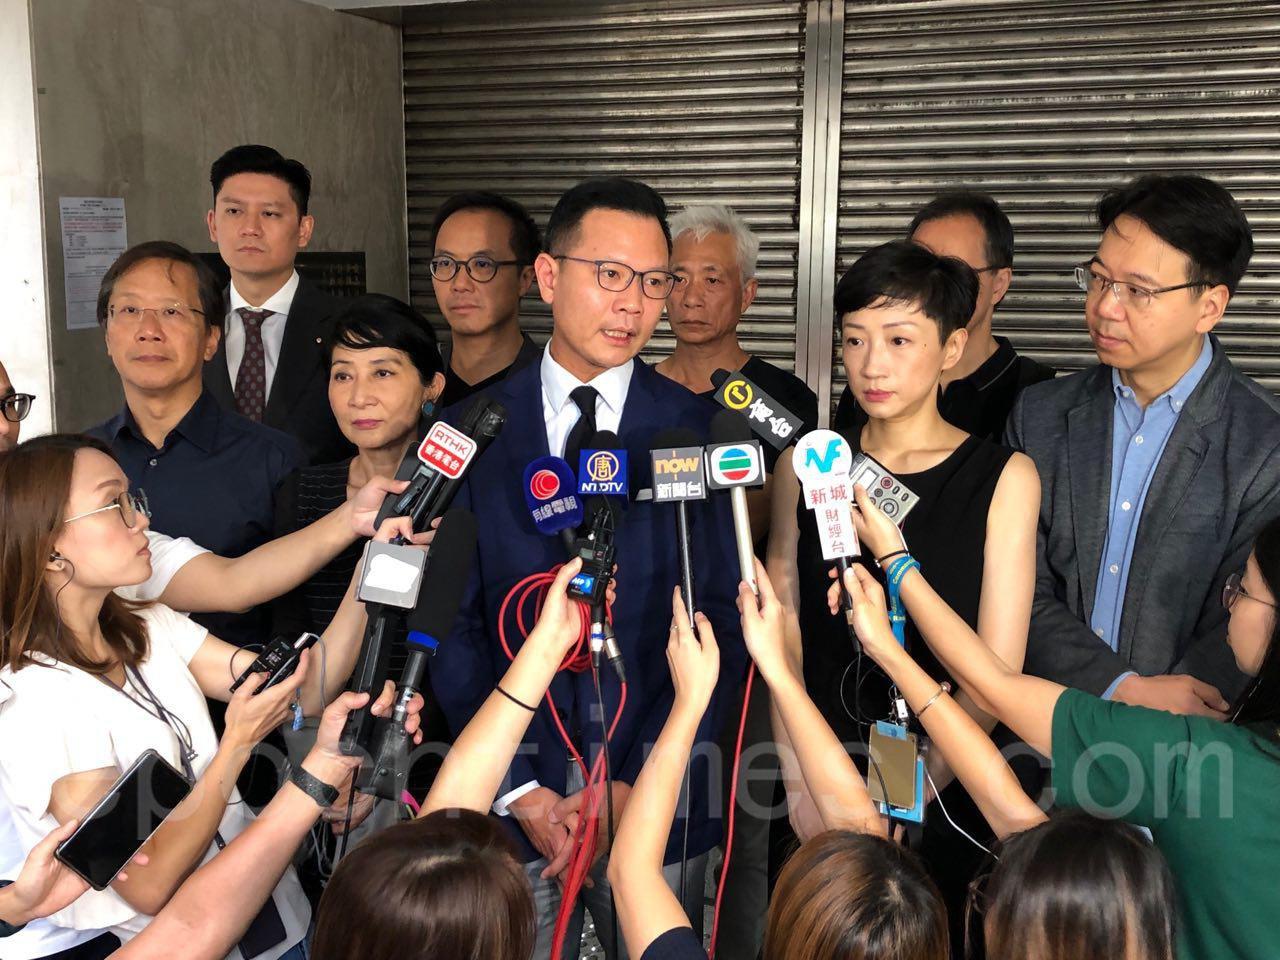 今早,24名泛民派立法會議員前往高等法院申請司法覆核許可,要求法庭宣布引用《緊急條例》訂立《禁止蒙面規例》是違法及違憲。(余天佑/大紀元)